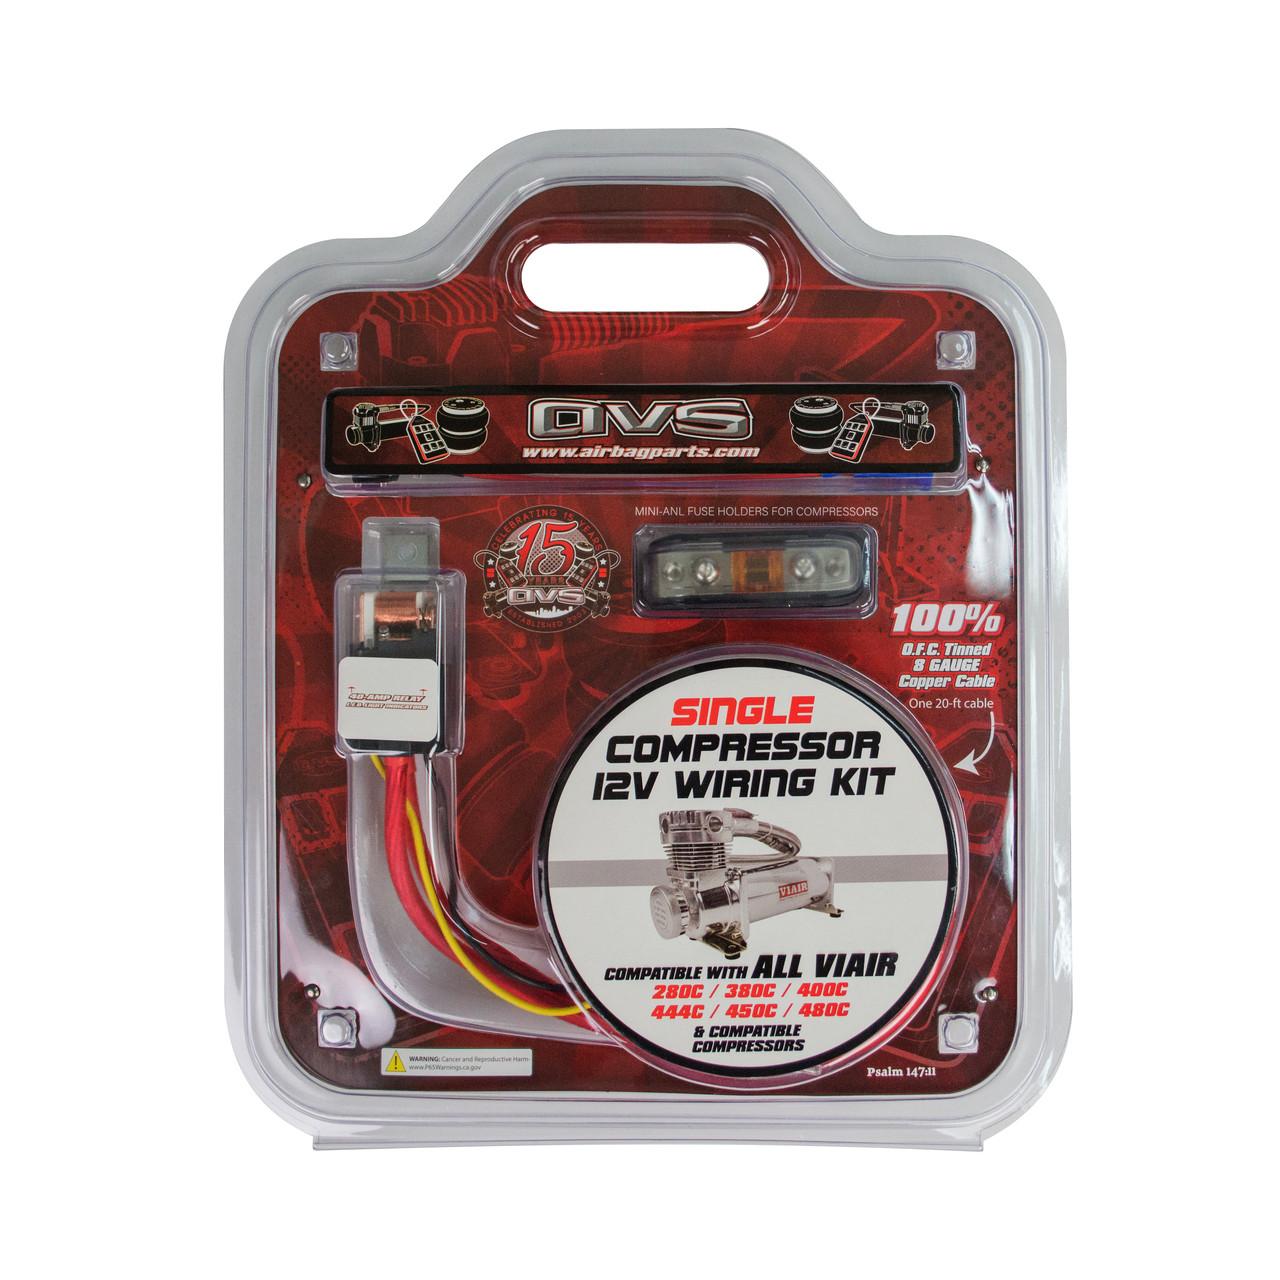 Single Compressor Wiring Kit By Avs Viair 480c Diagram Loading Zoom